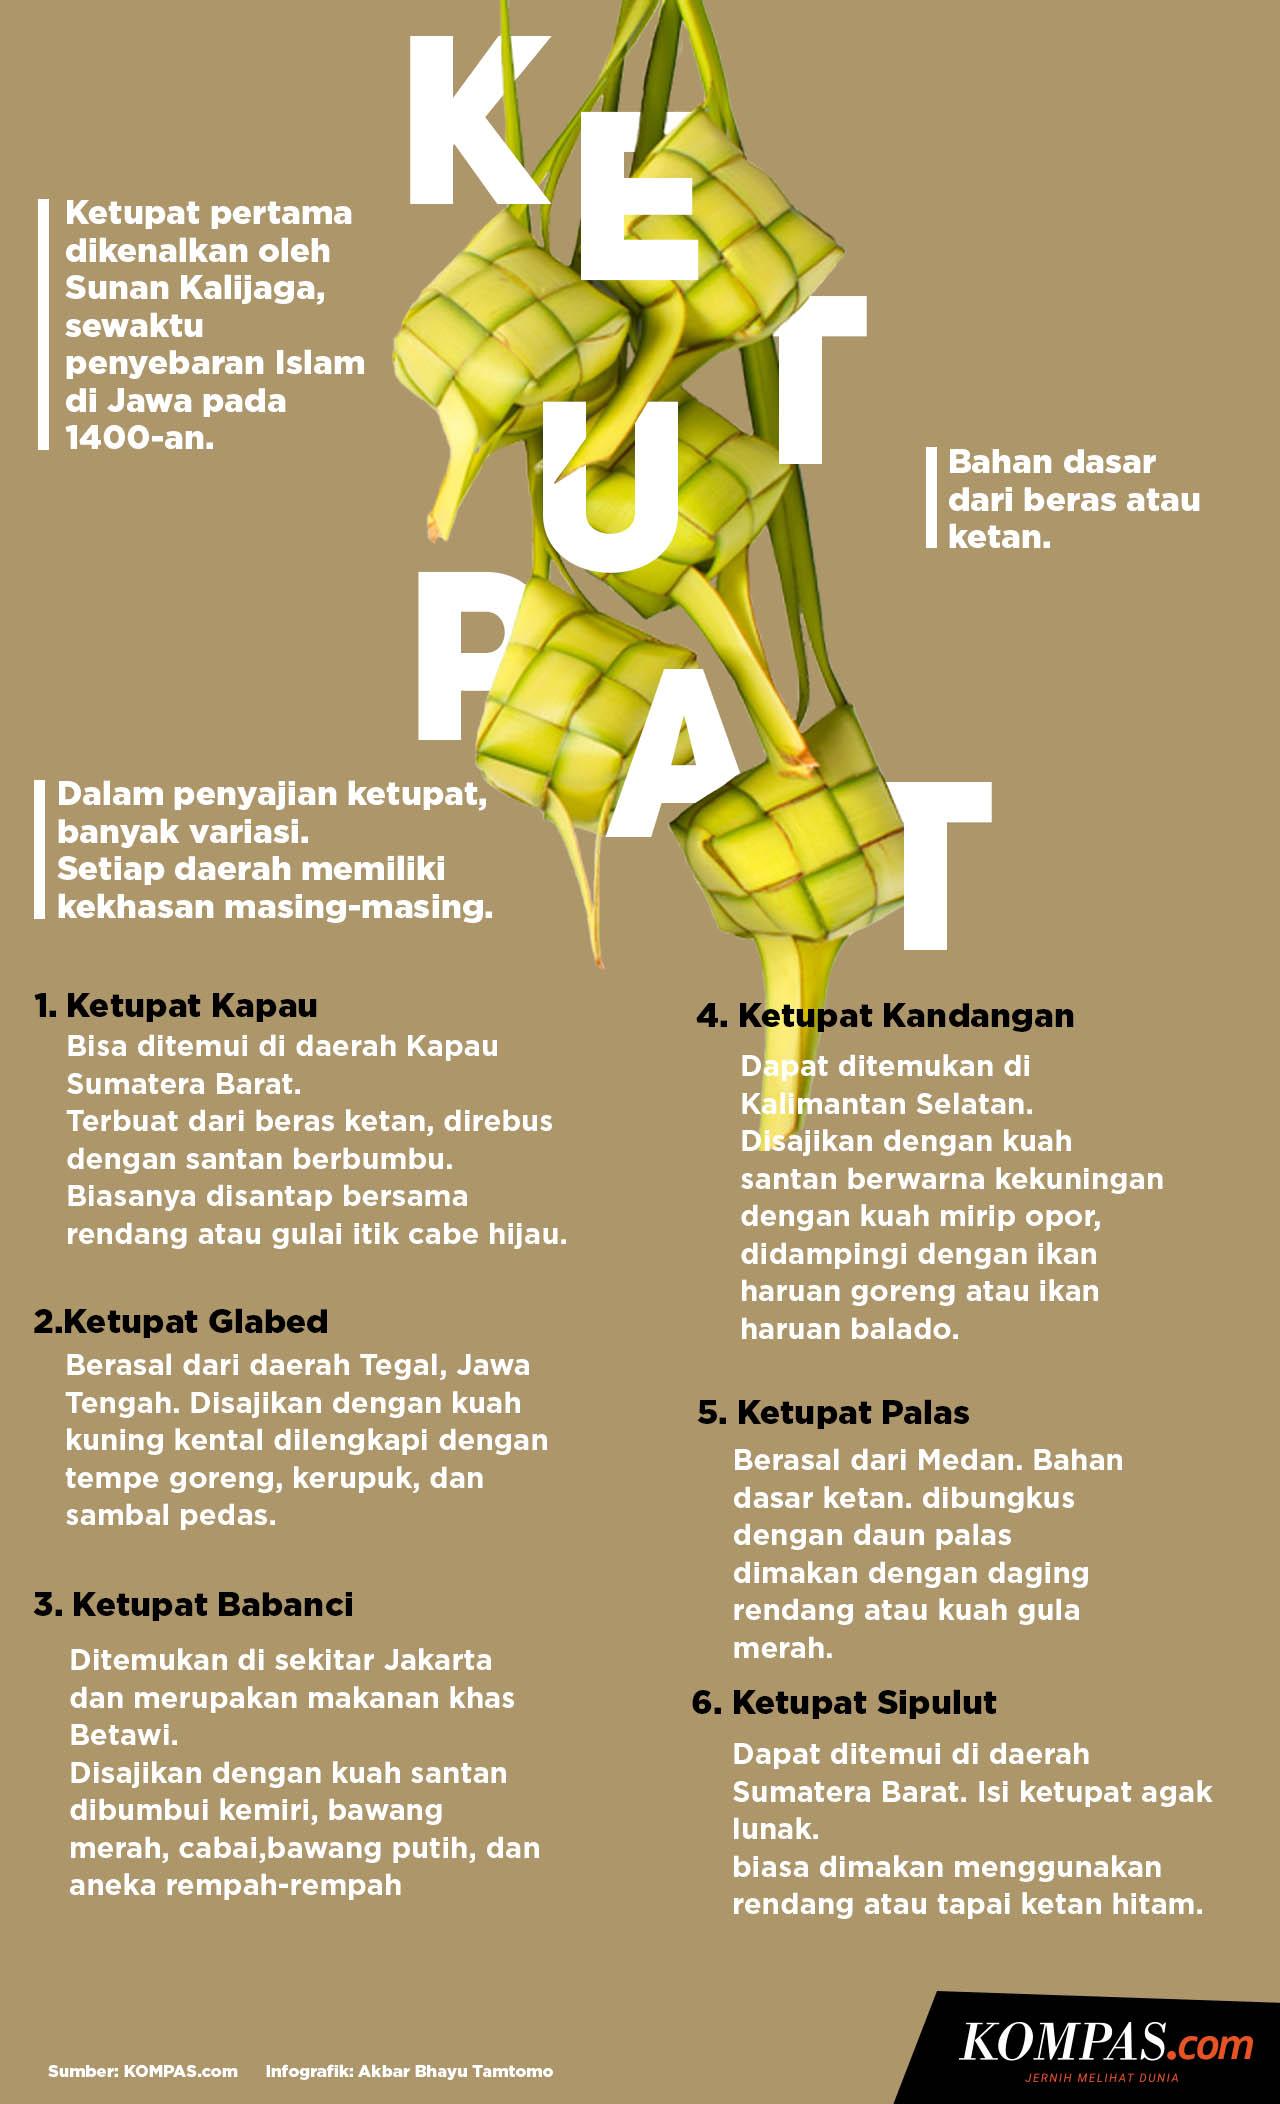 Ketupat (KOMPAS.com/AKBAR BHAYU TAMTOMO)